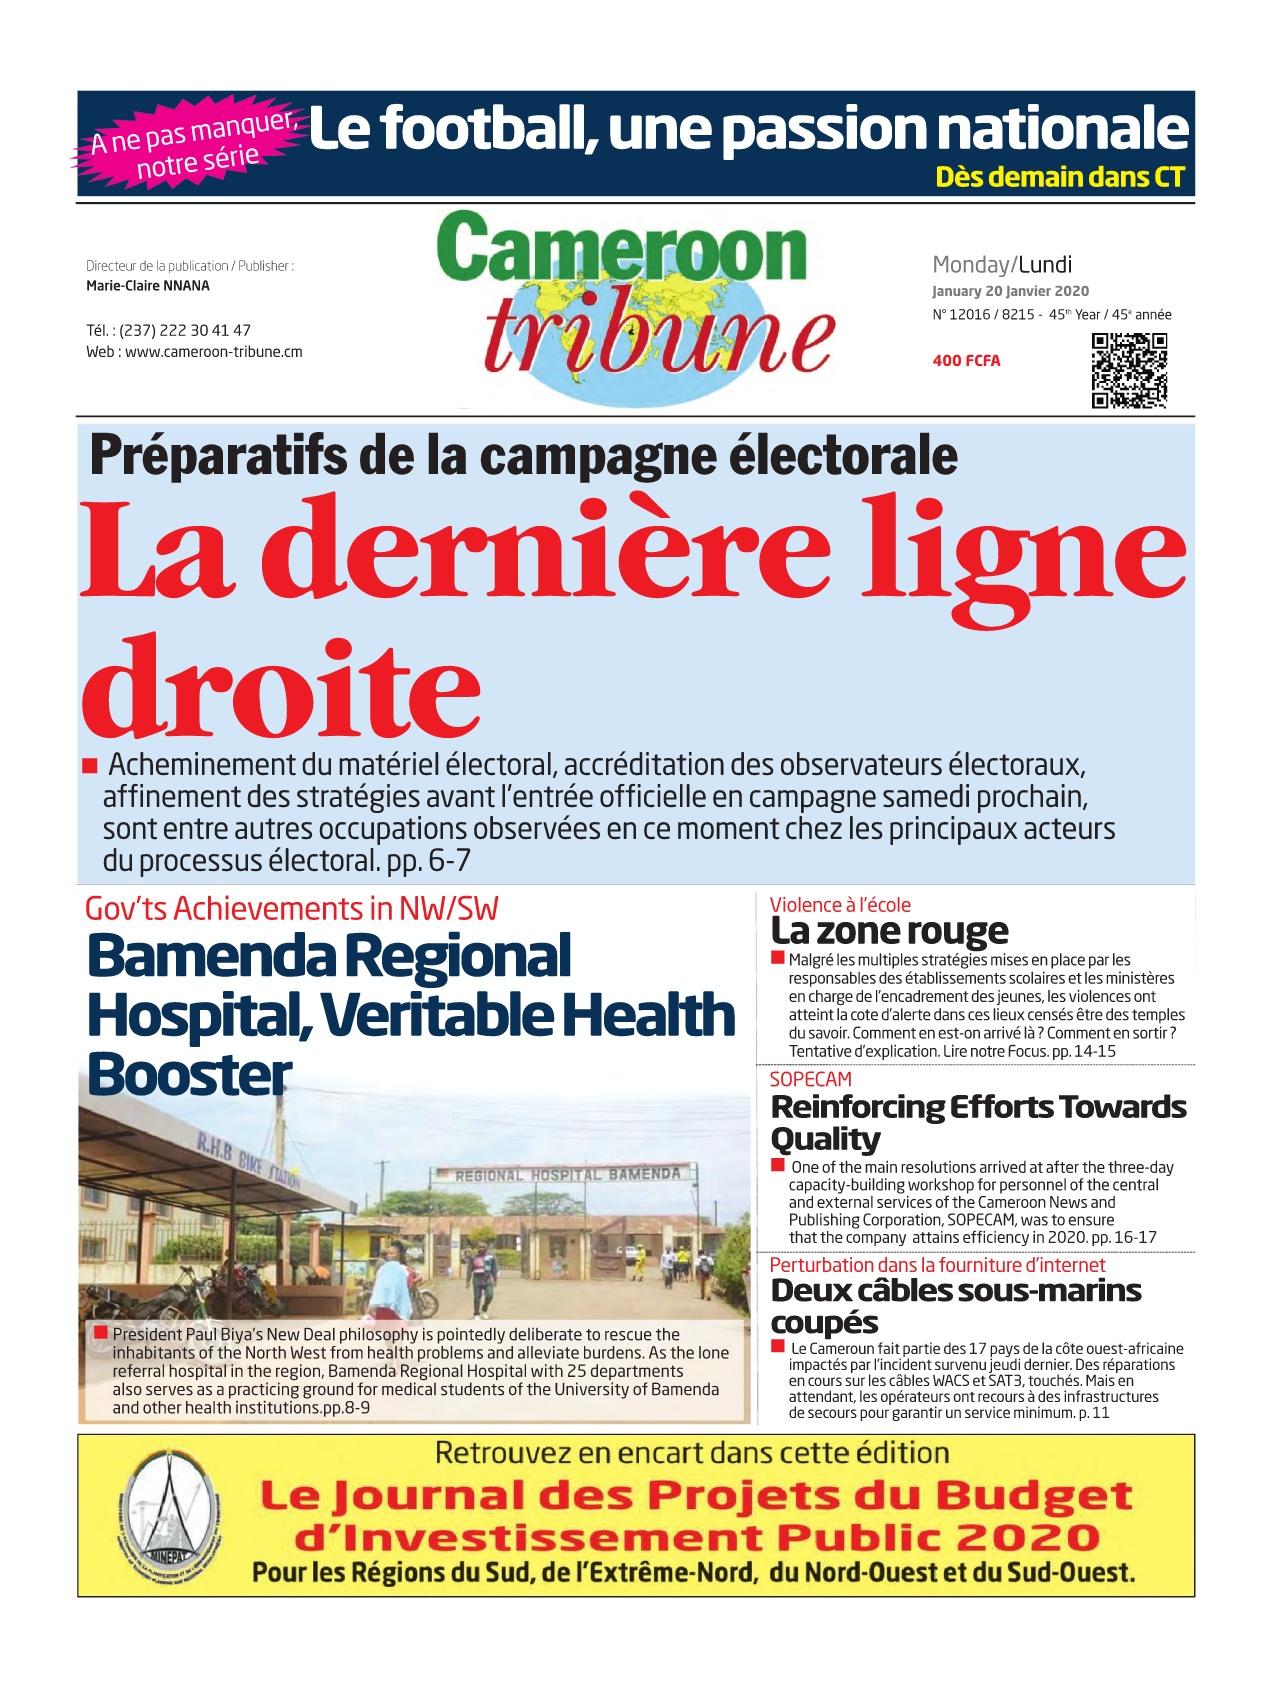 Cameroon Tribune - 20/01/2020